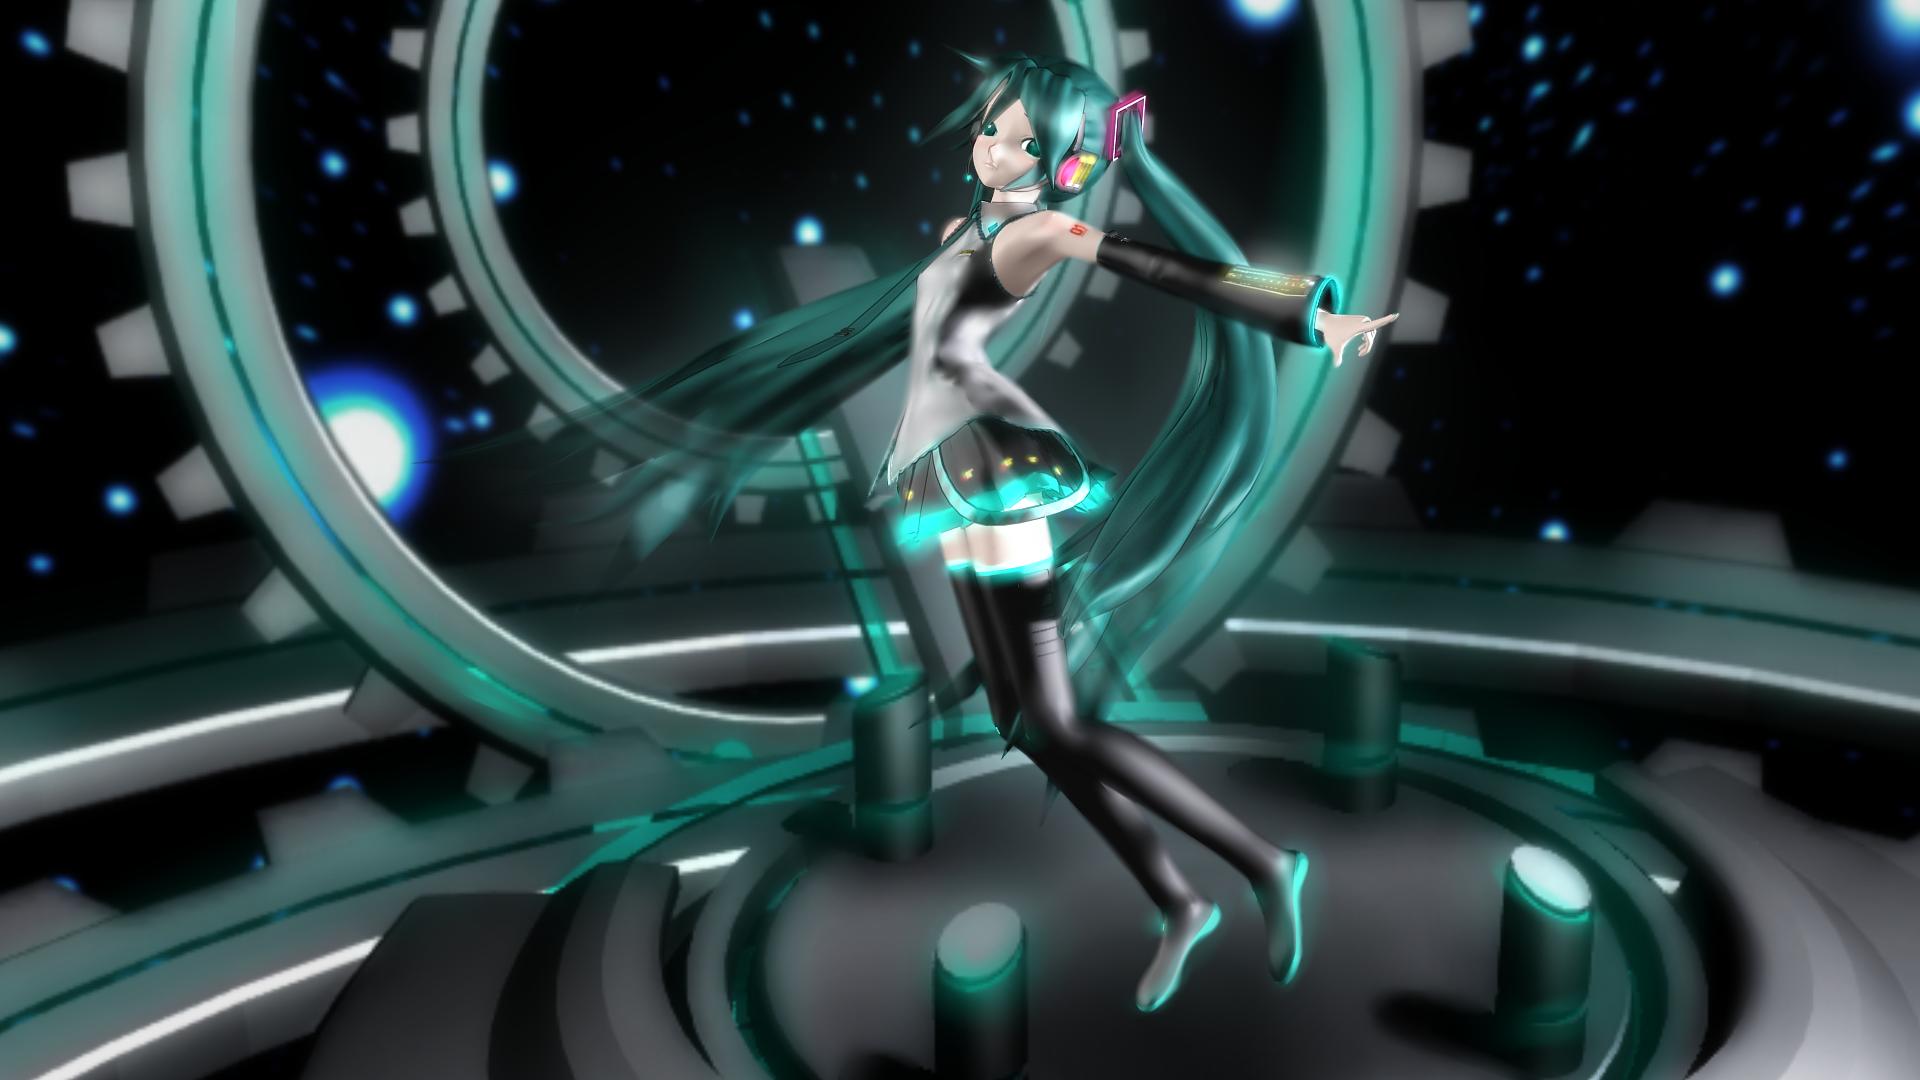 contest entry by lunar-elegance